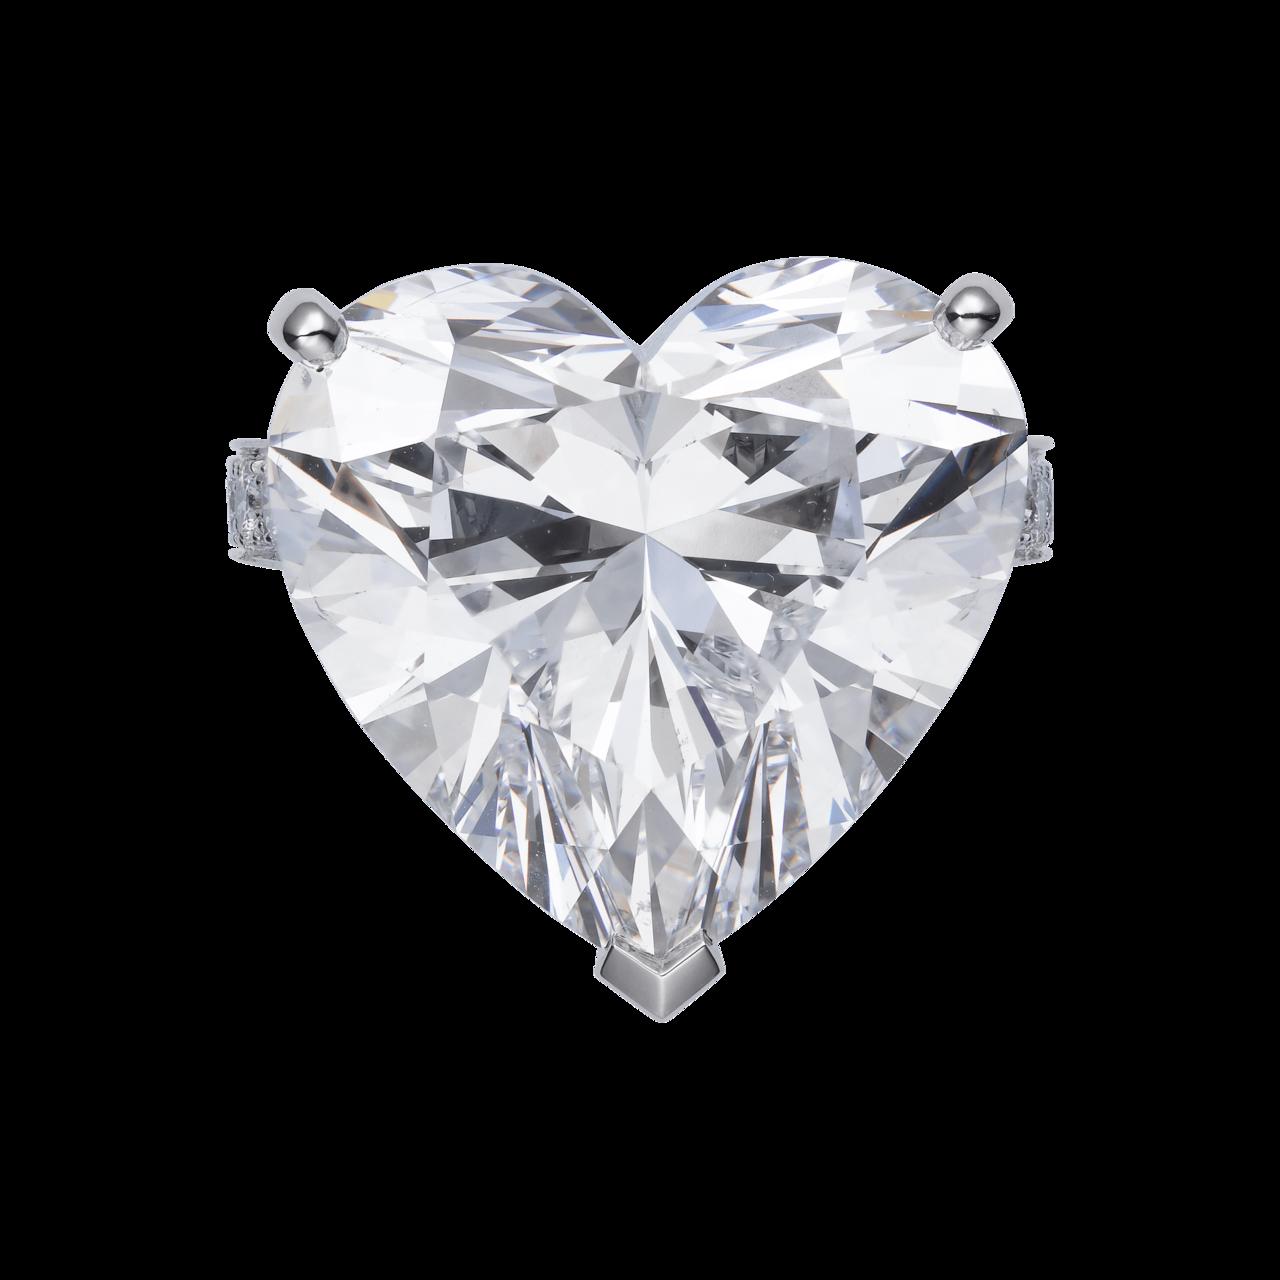 朱茵配戴的卡地亞頂級珠寶系列 1895 心形單鑽戒指,主石為 1 顆 21.55...